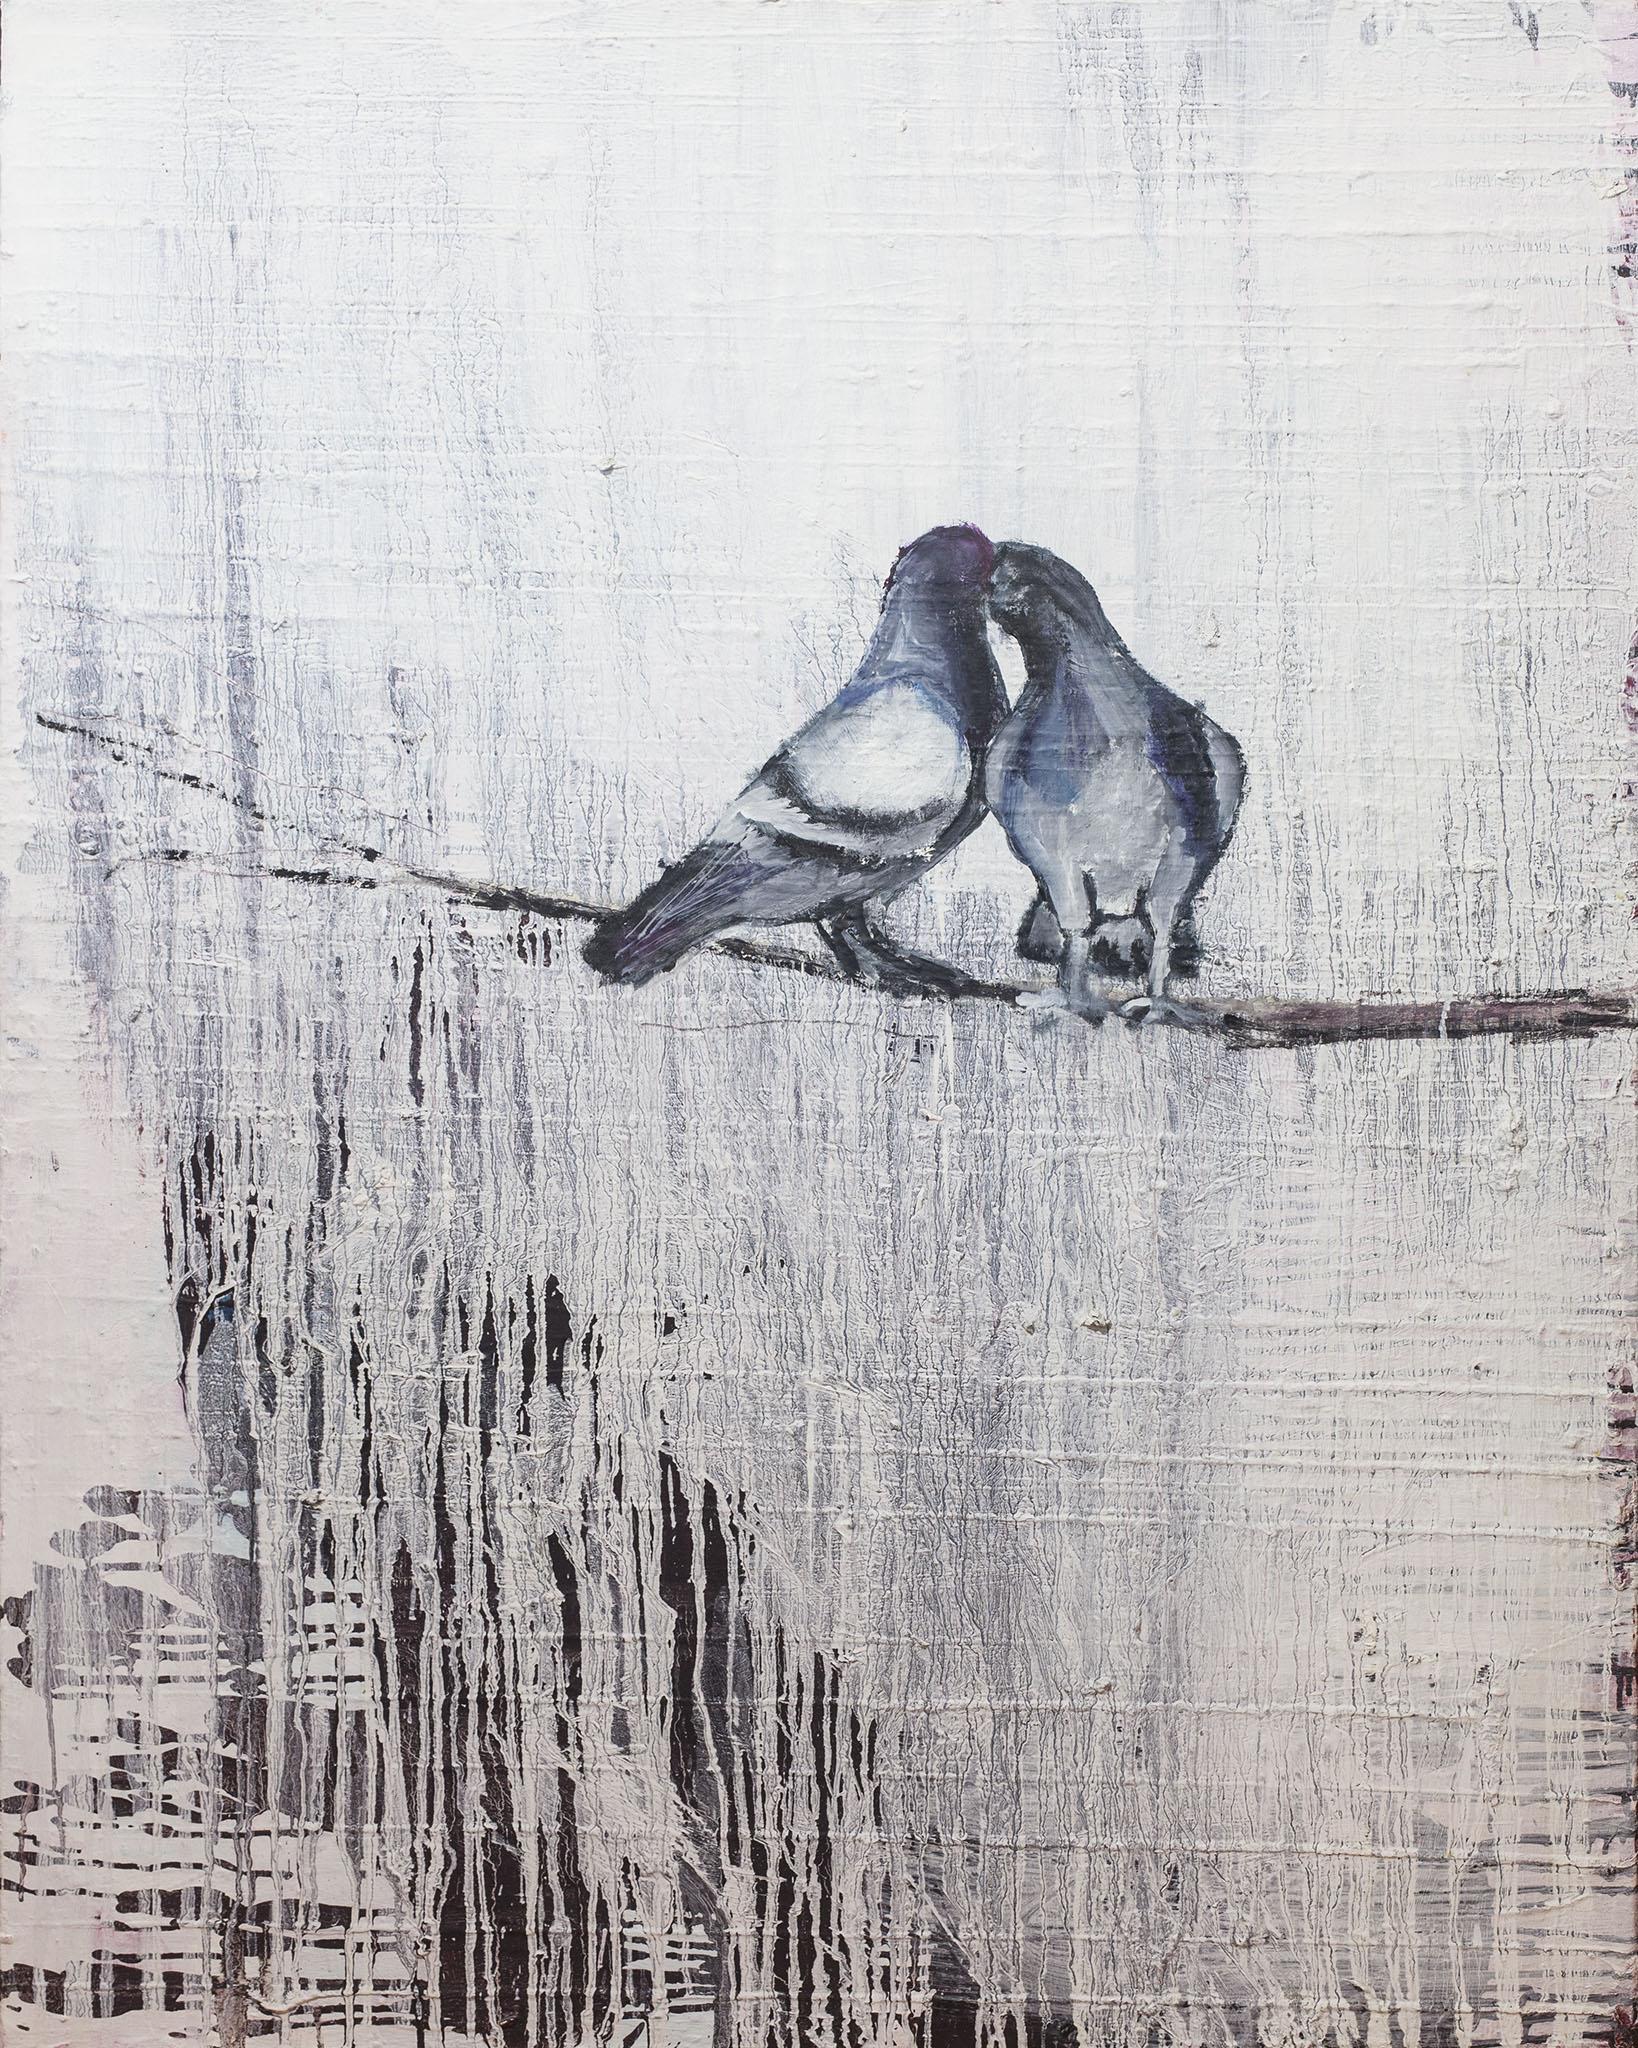 """עופרי מרום, """"זוג"""", 2006, שמן על בד, 80x100 ס""""מ"""